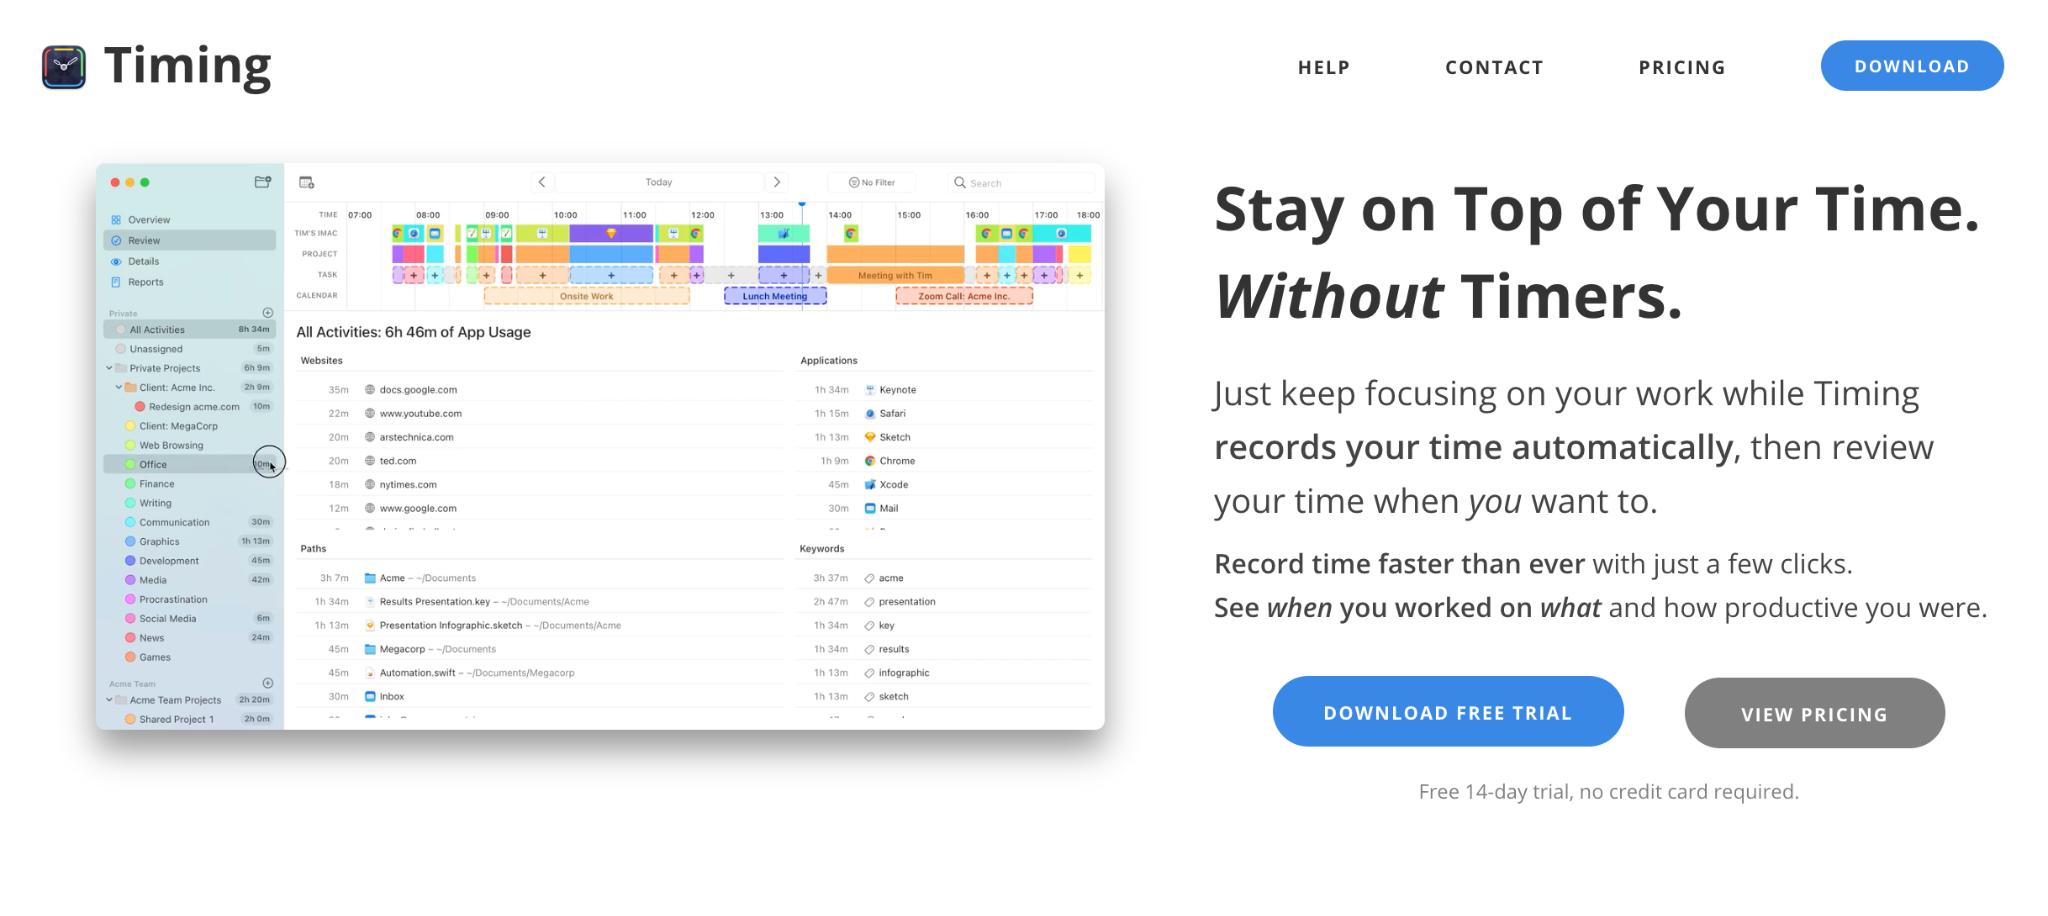 Timing tool webpage screenshot